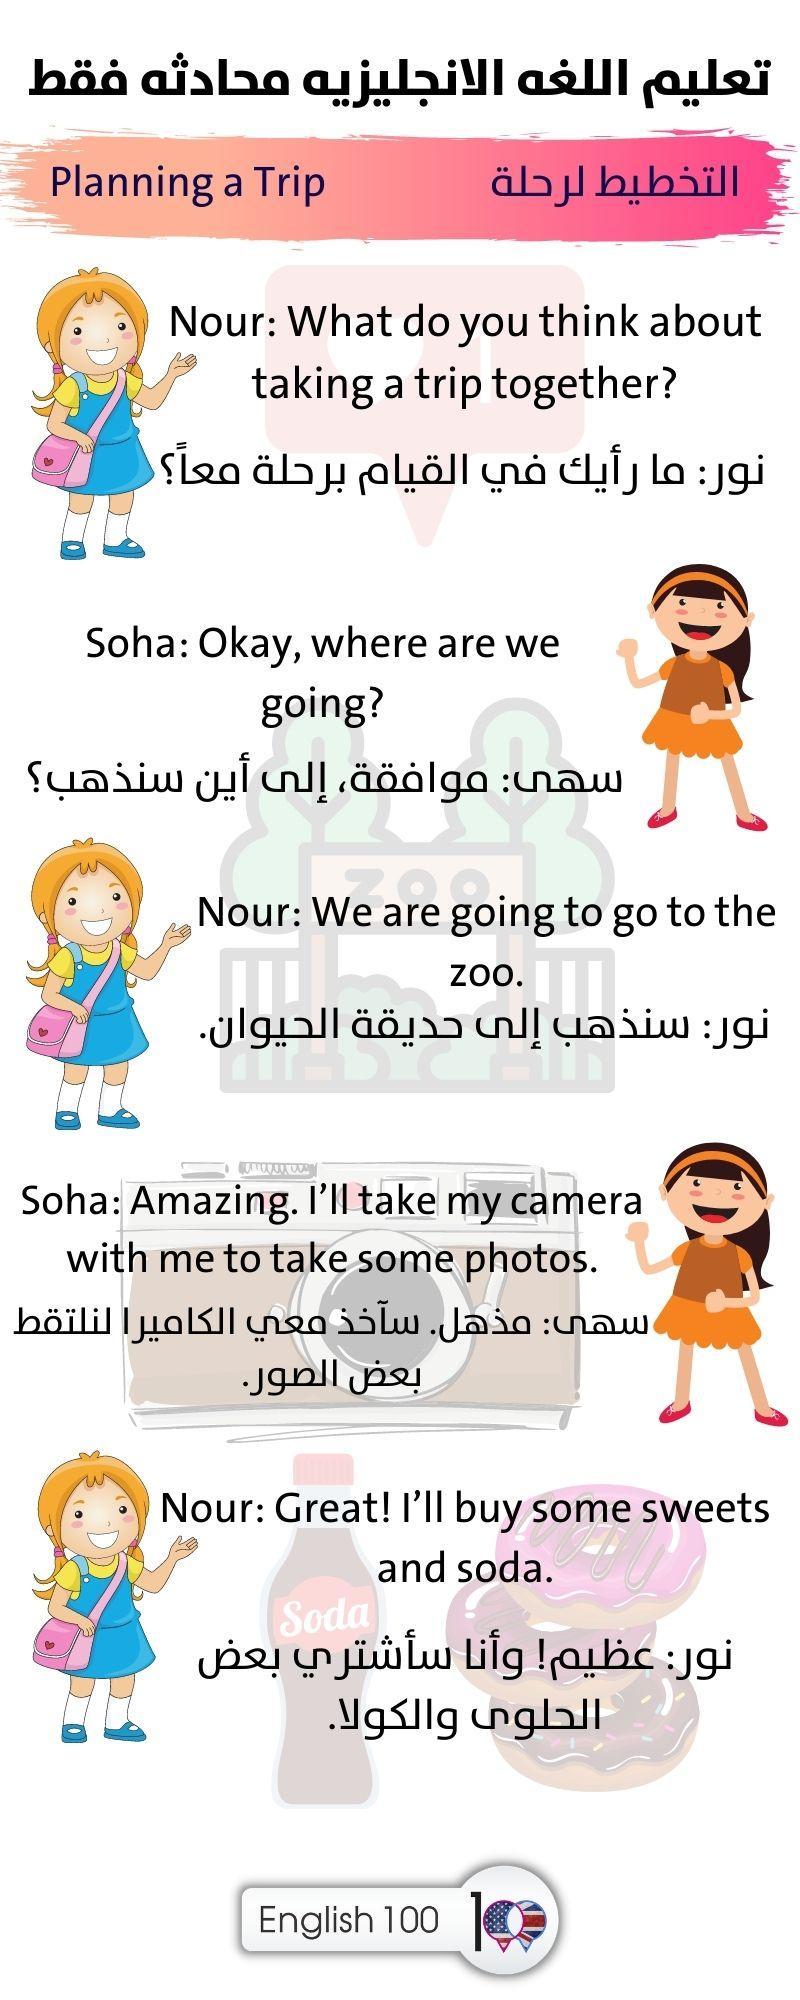 تعليم اللغه الانجليزيه محادثه فقط Teaching English by Conversation Only